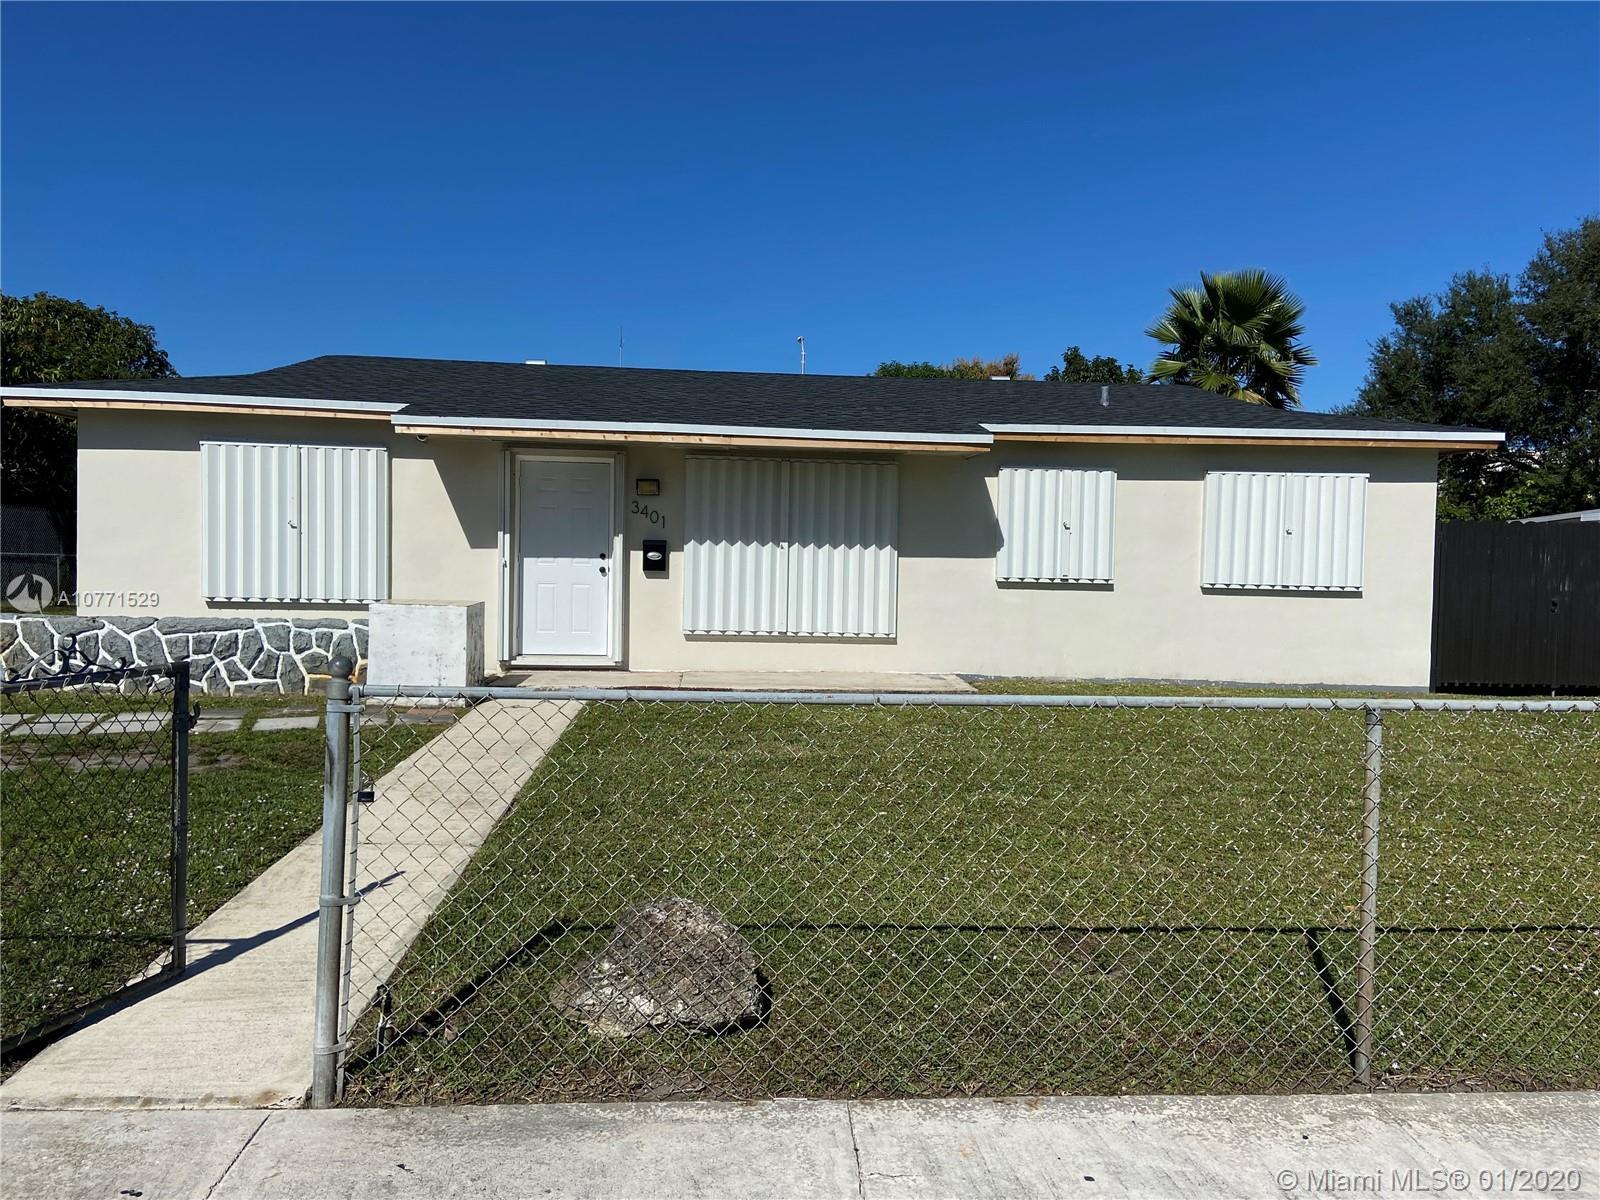 3401 NW 182nd St, Miami Gardens, FL 33056